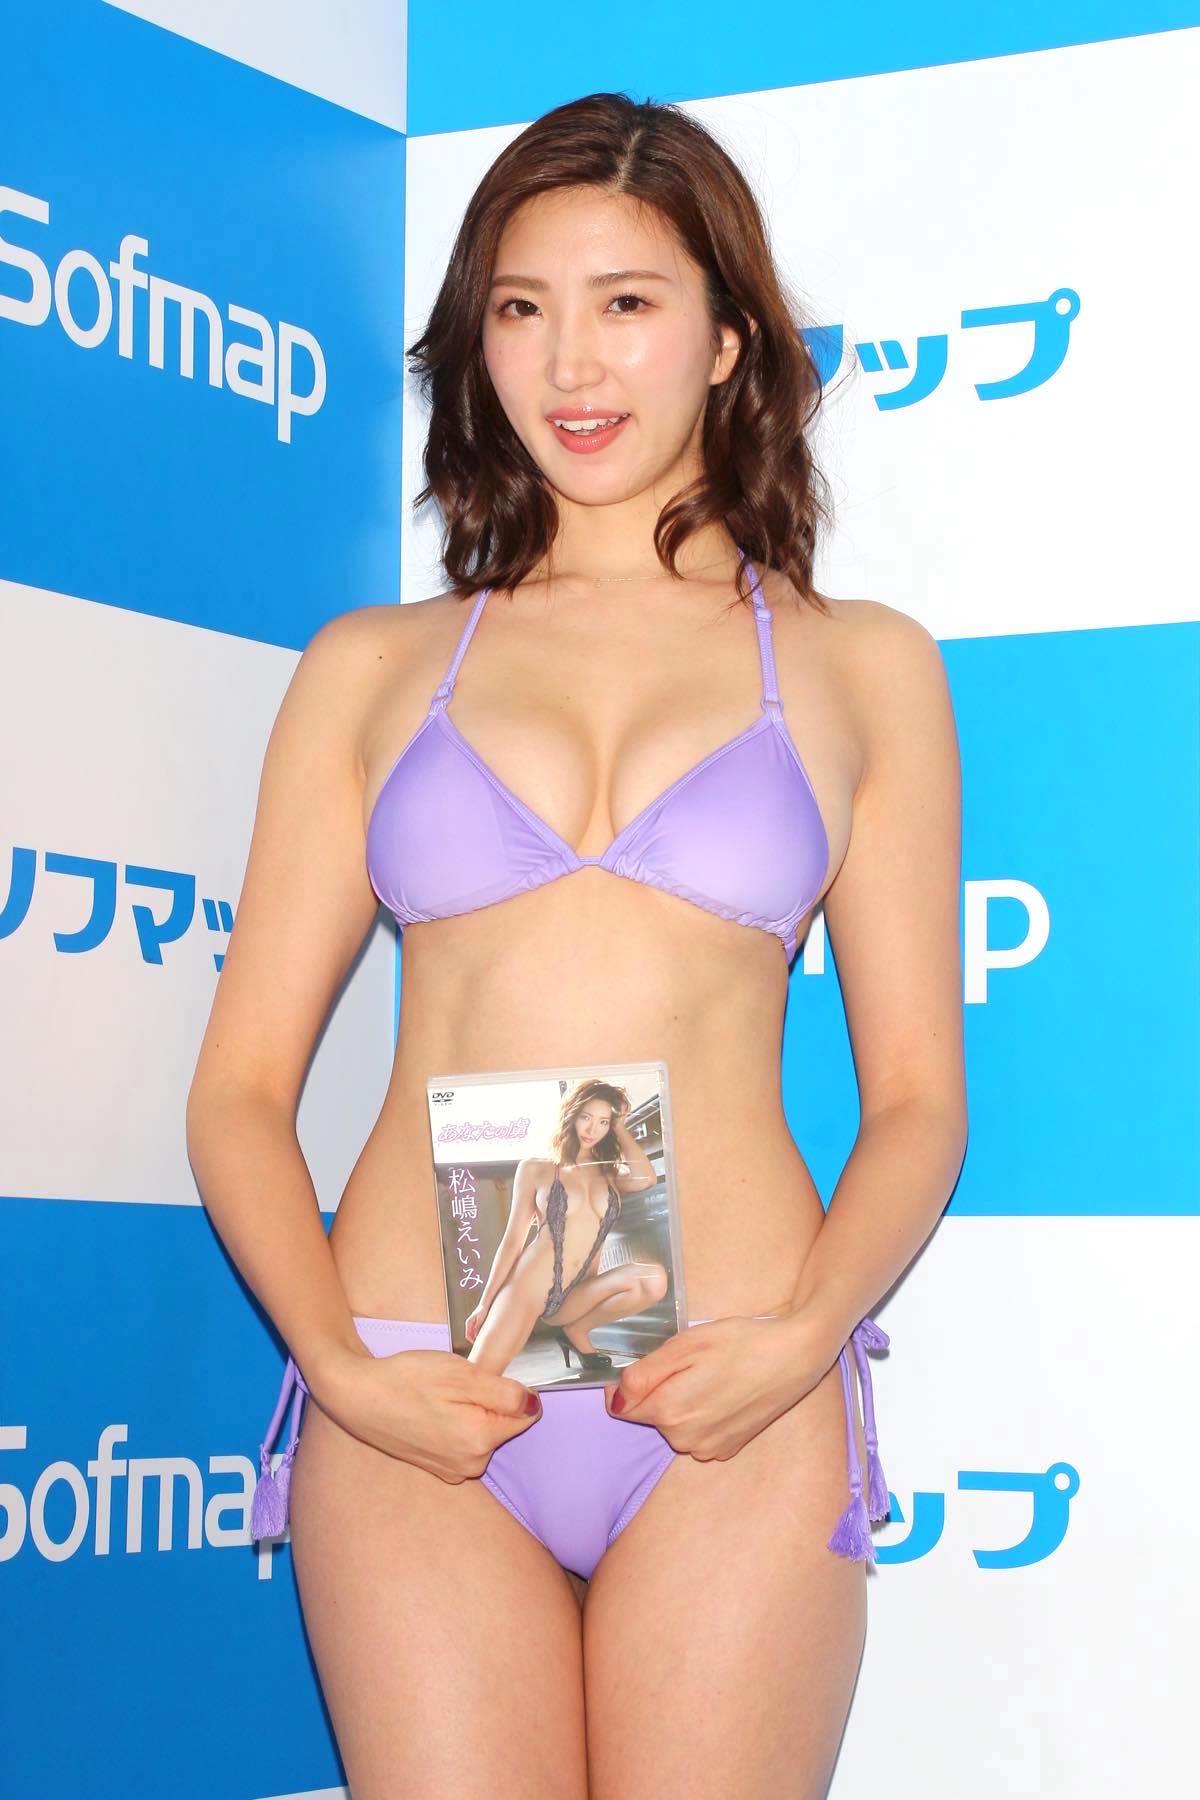 松嶋えいみ「初ローション」でぬるぬるぬるぬる【写真30枚】の画像021